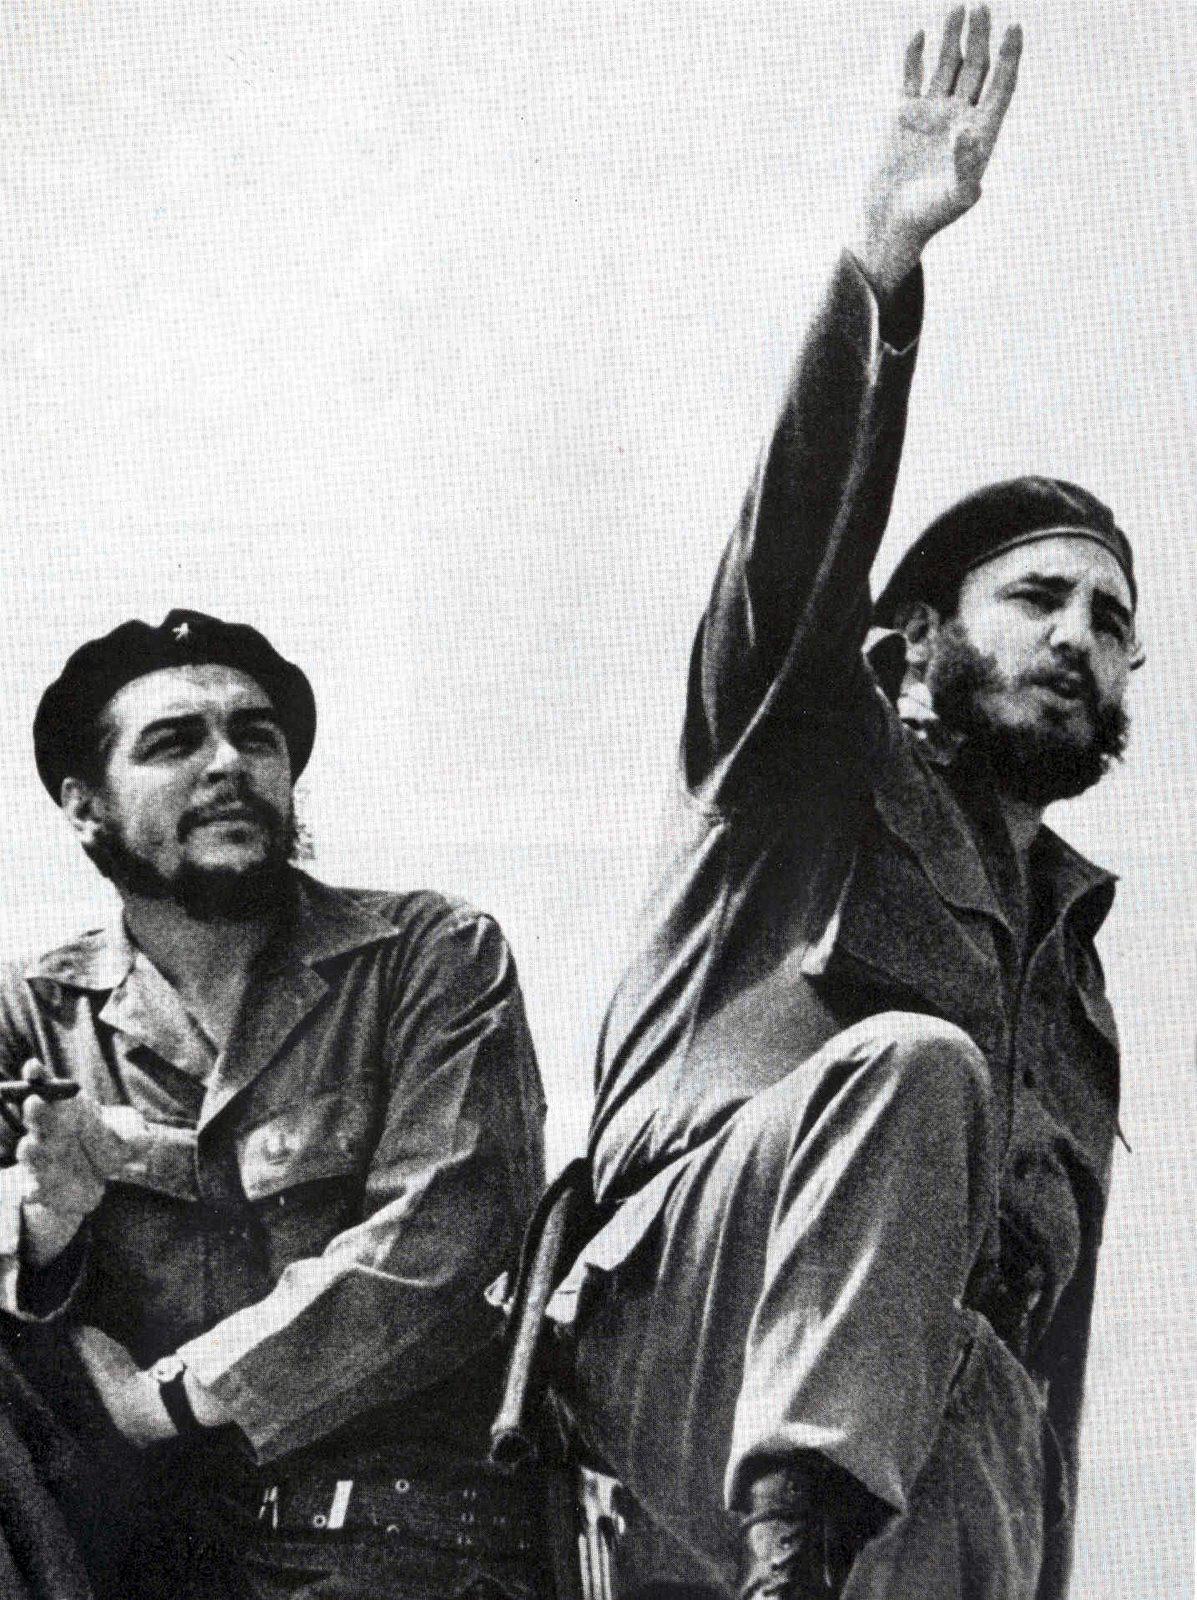 Che-Guevara-and-Fidel-Castro